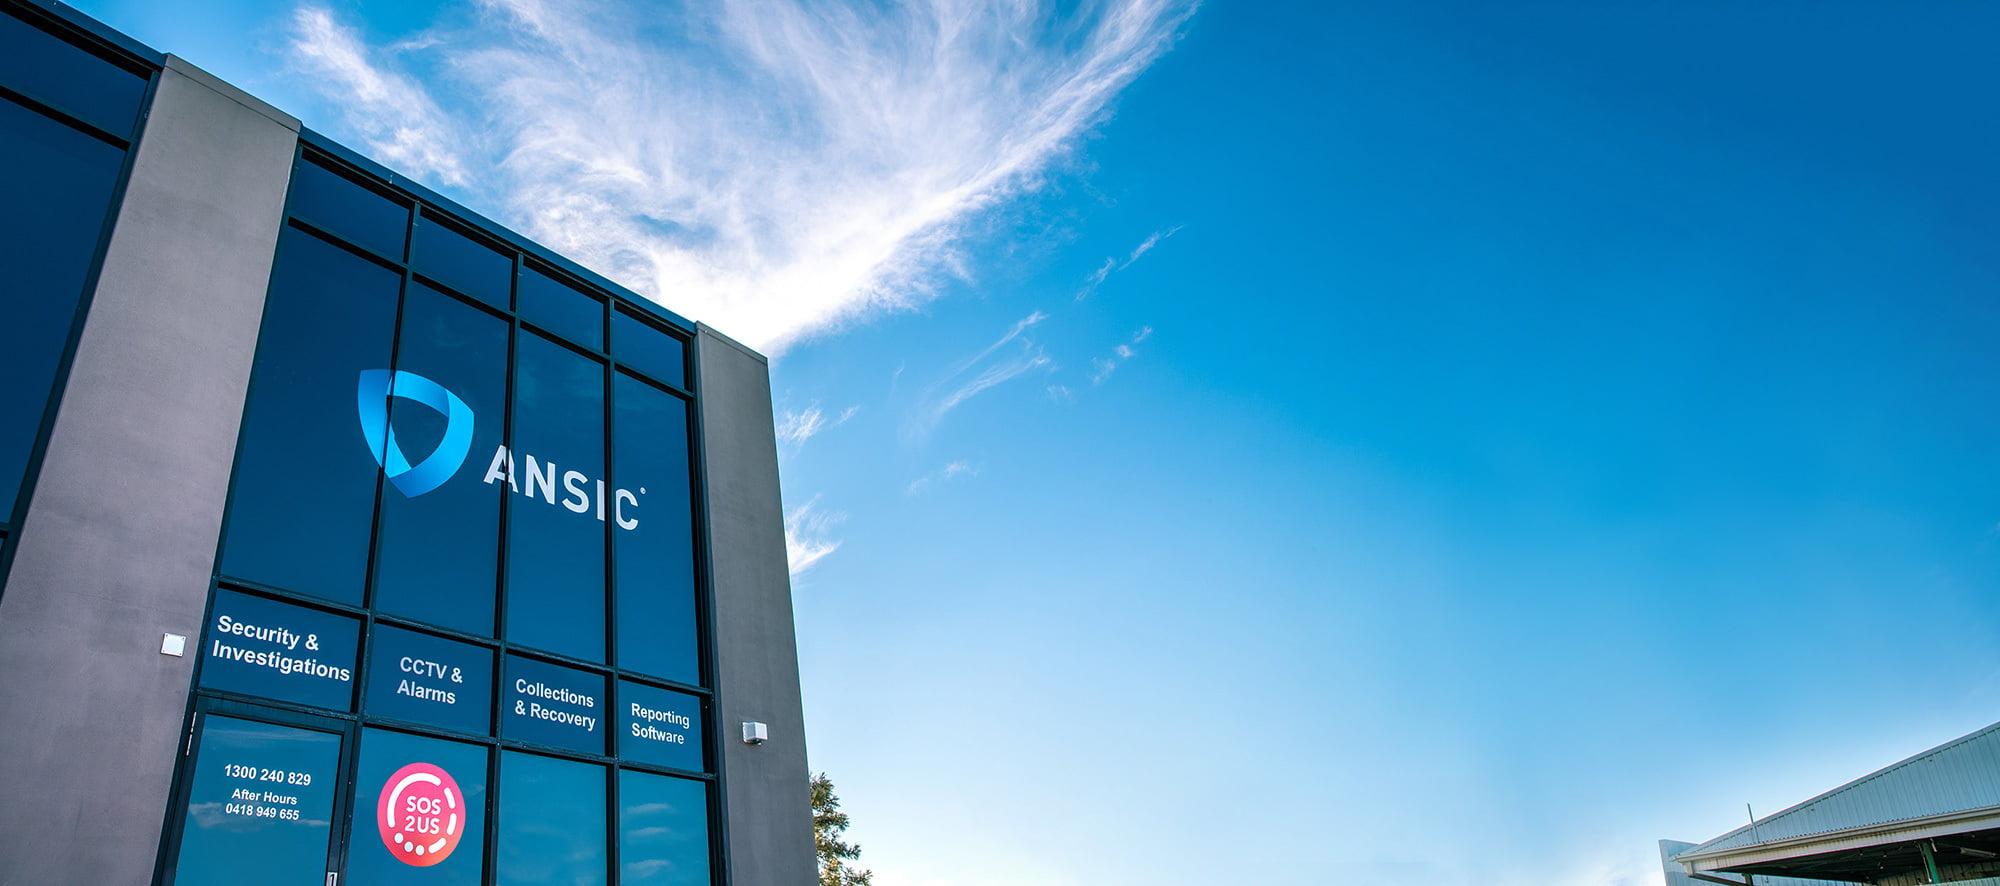 ANSIC HQ